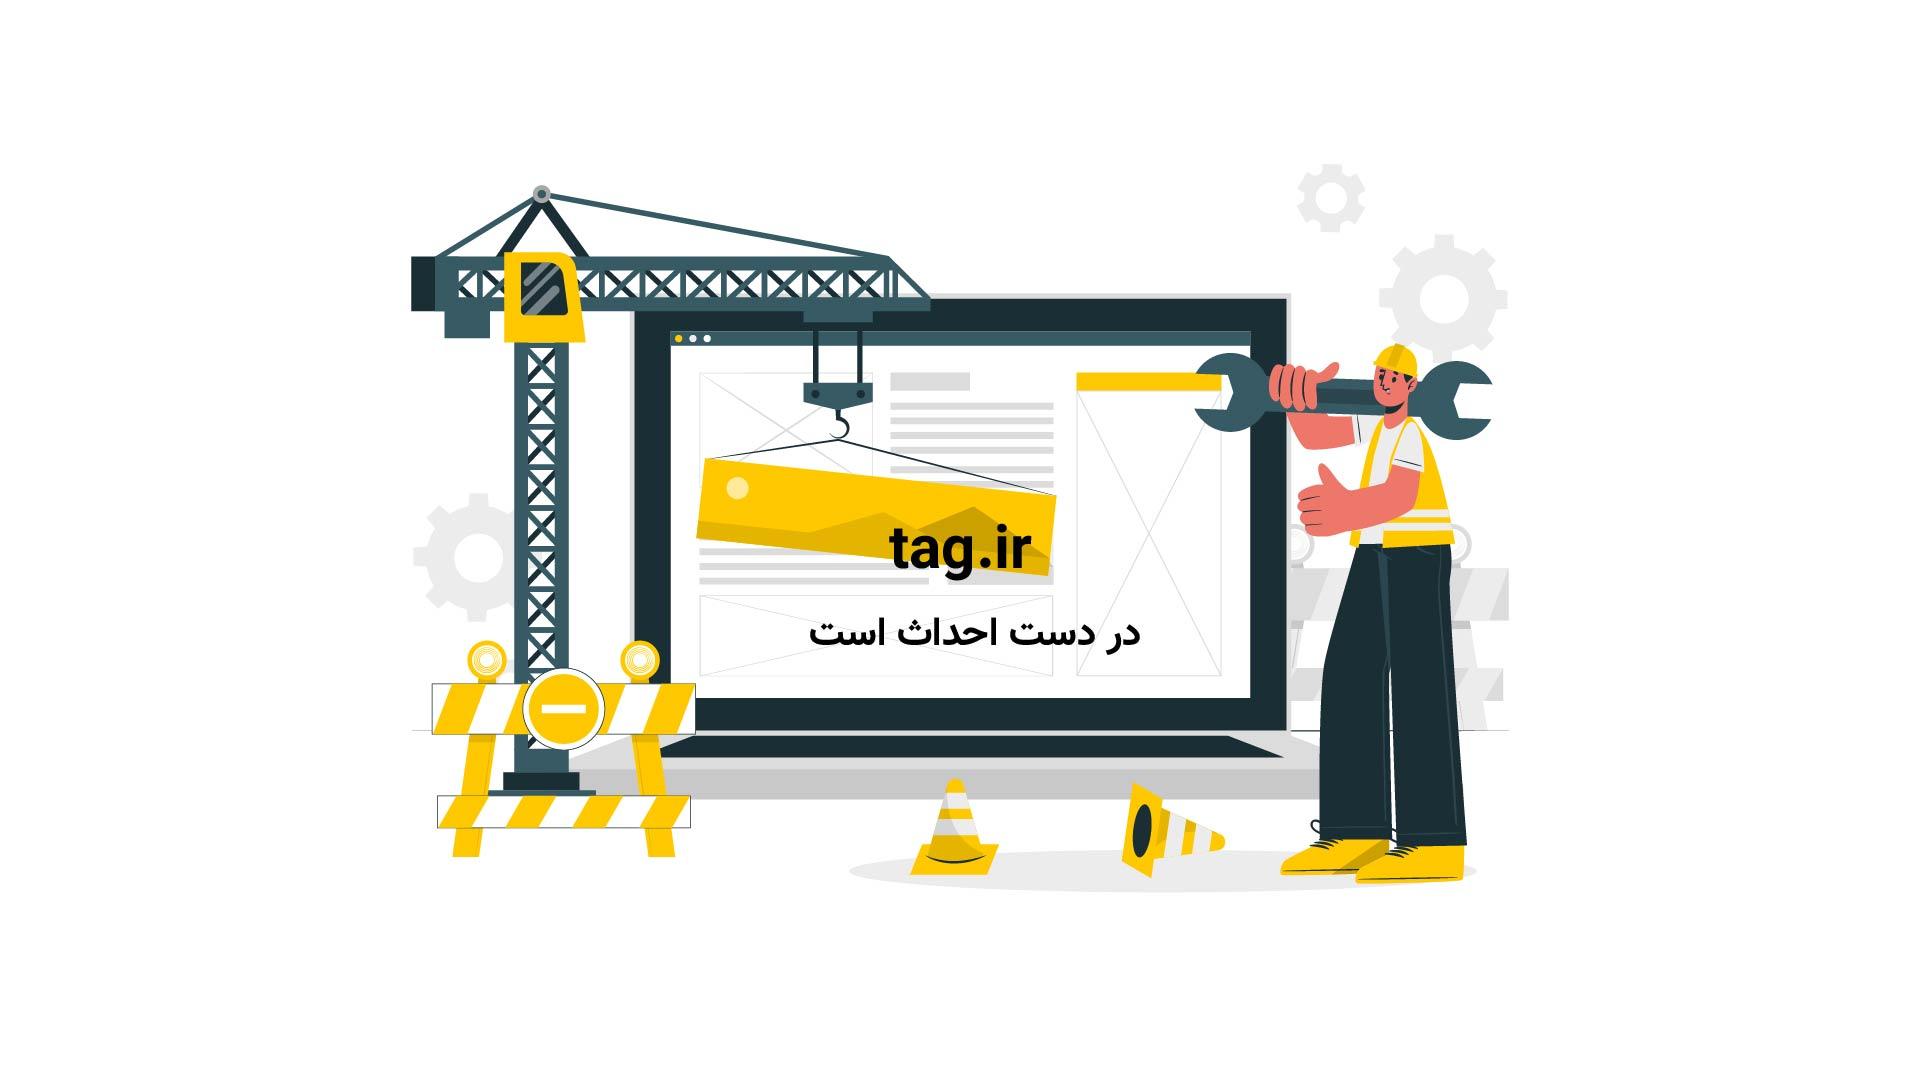 فیلم انفجار انتحاری یک اسیر داعشی در میان سربازان عراقی